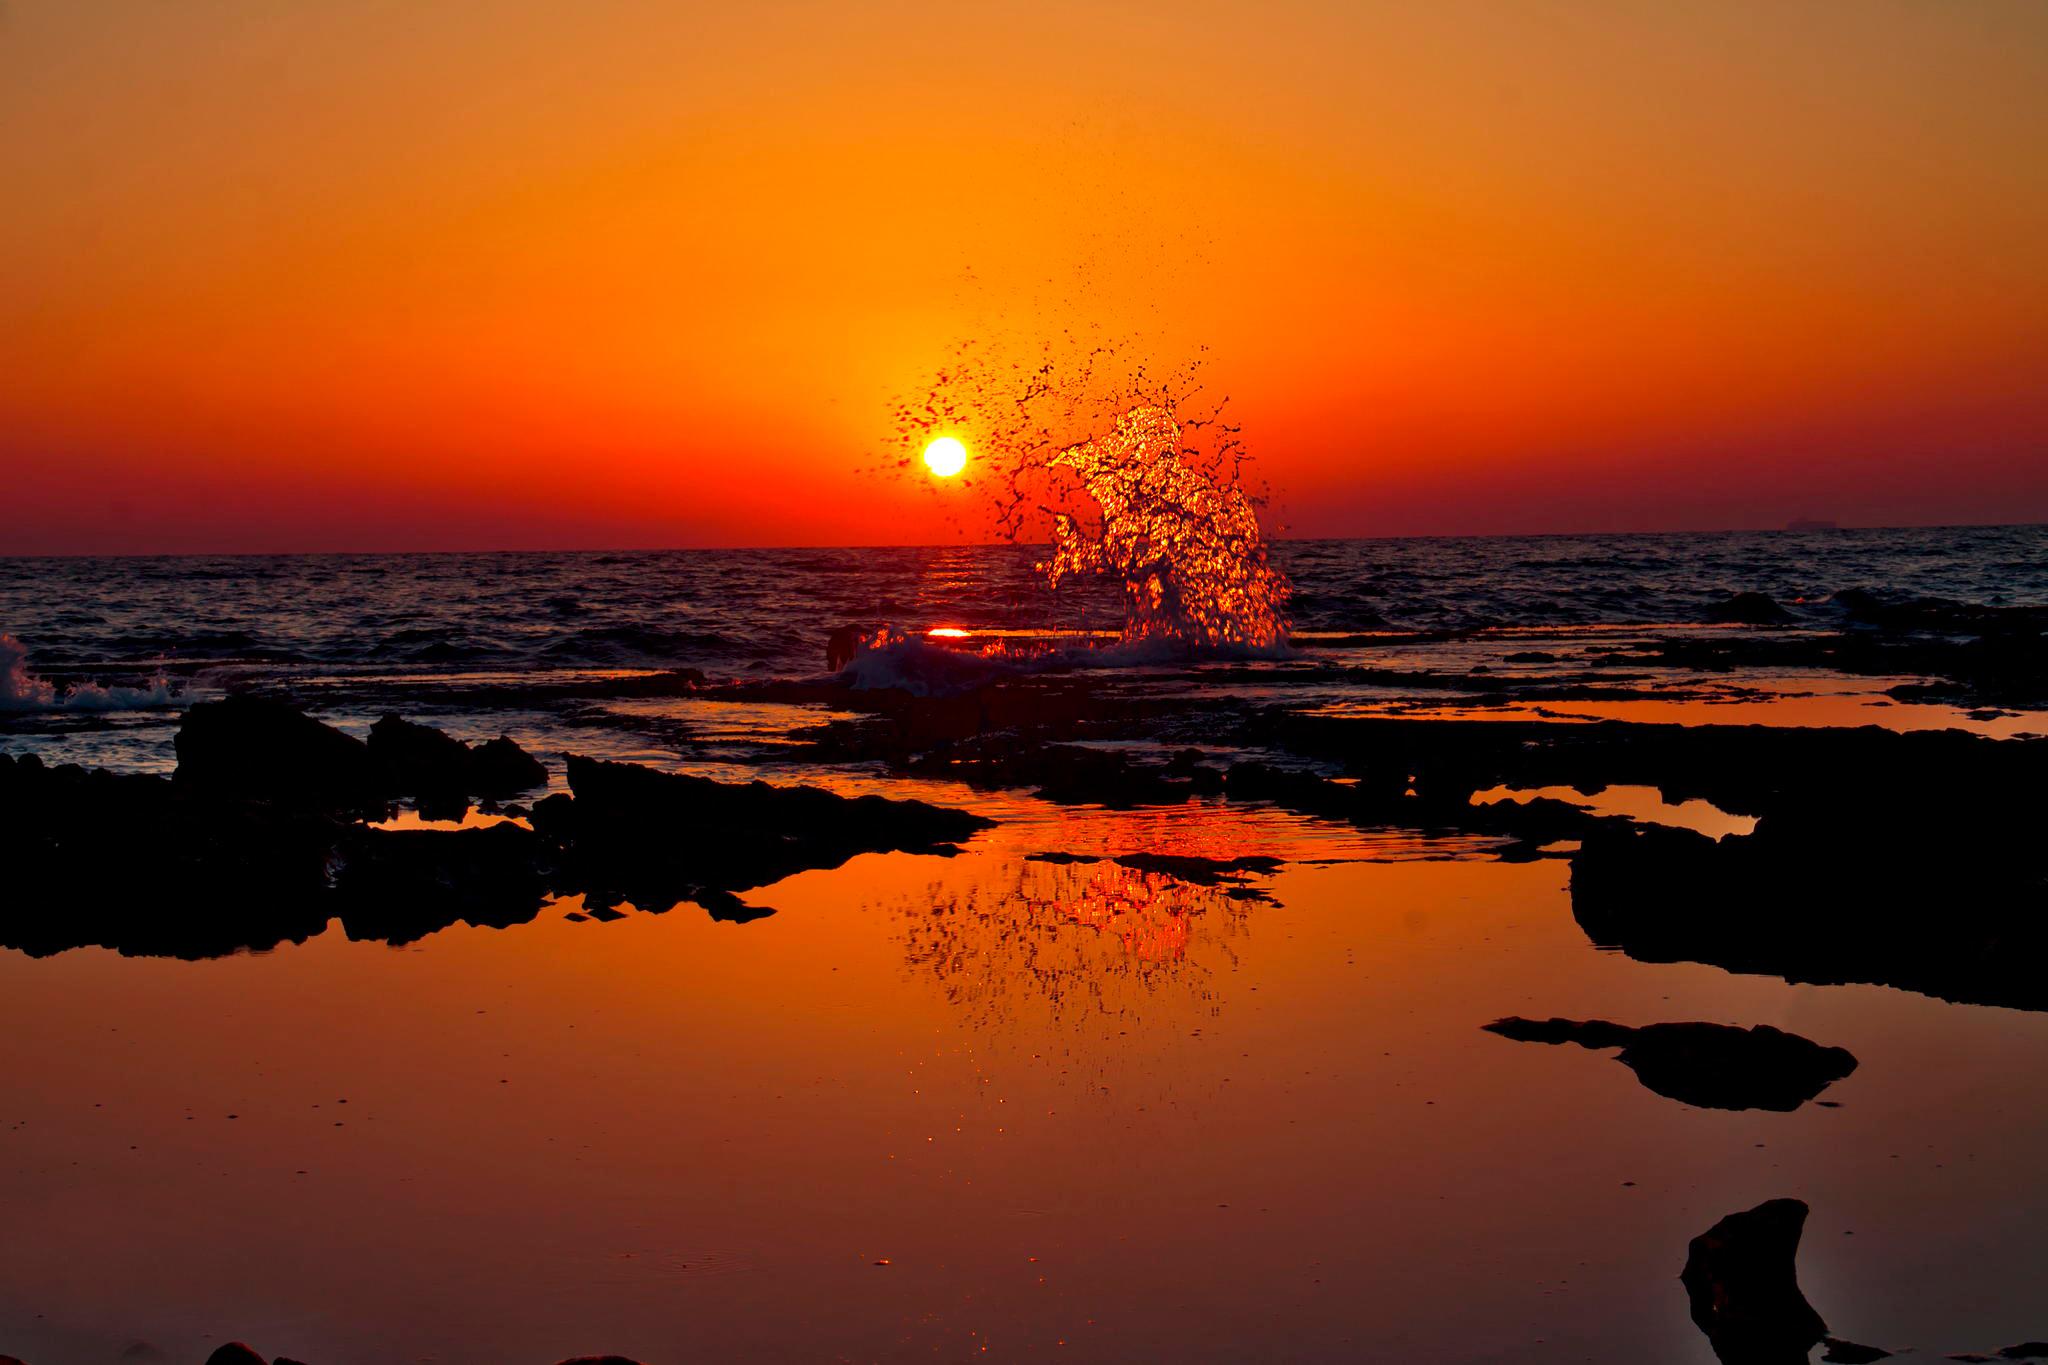 62590 скачать обои Природа, Индия, Закат, Всплеск, Берег, Океан - заставки и картинки бесплатно